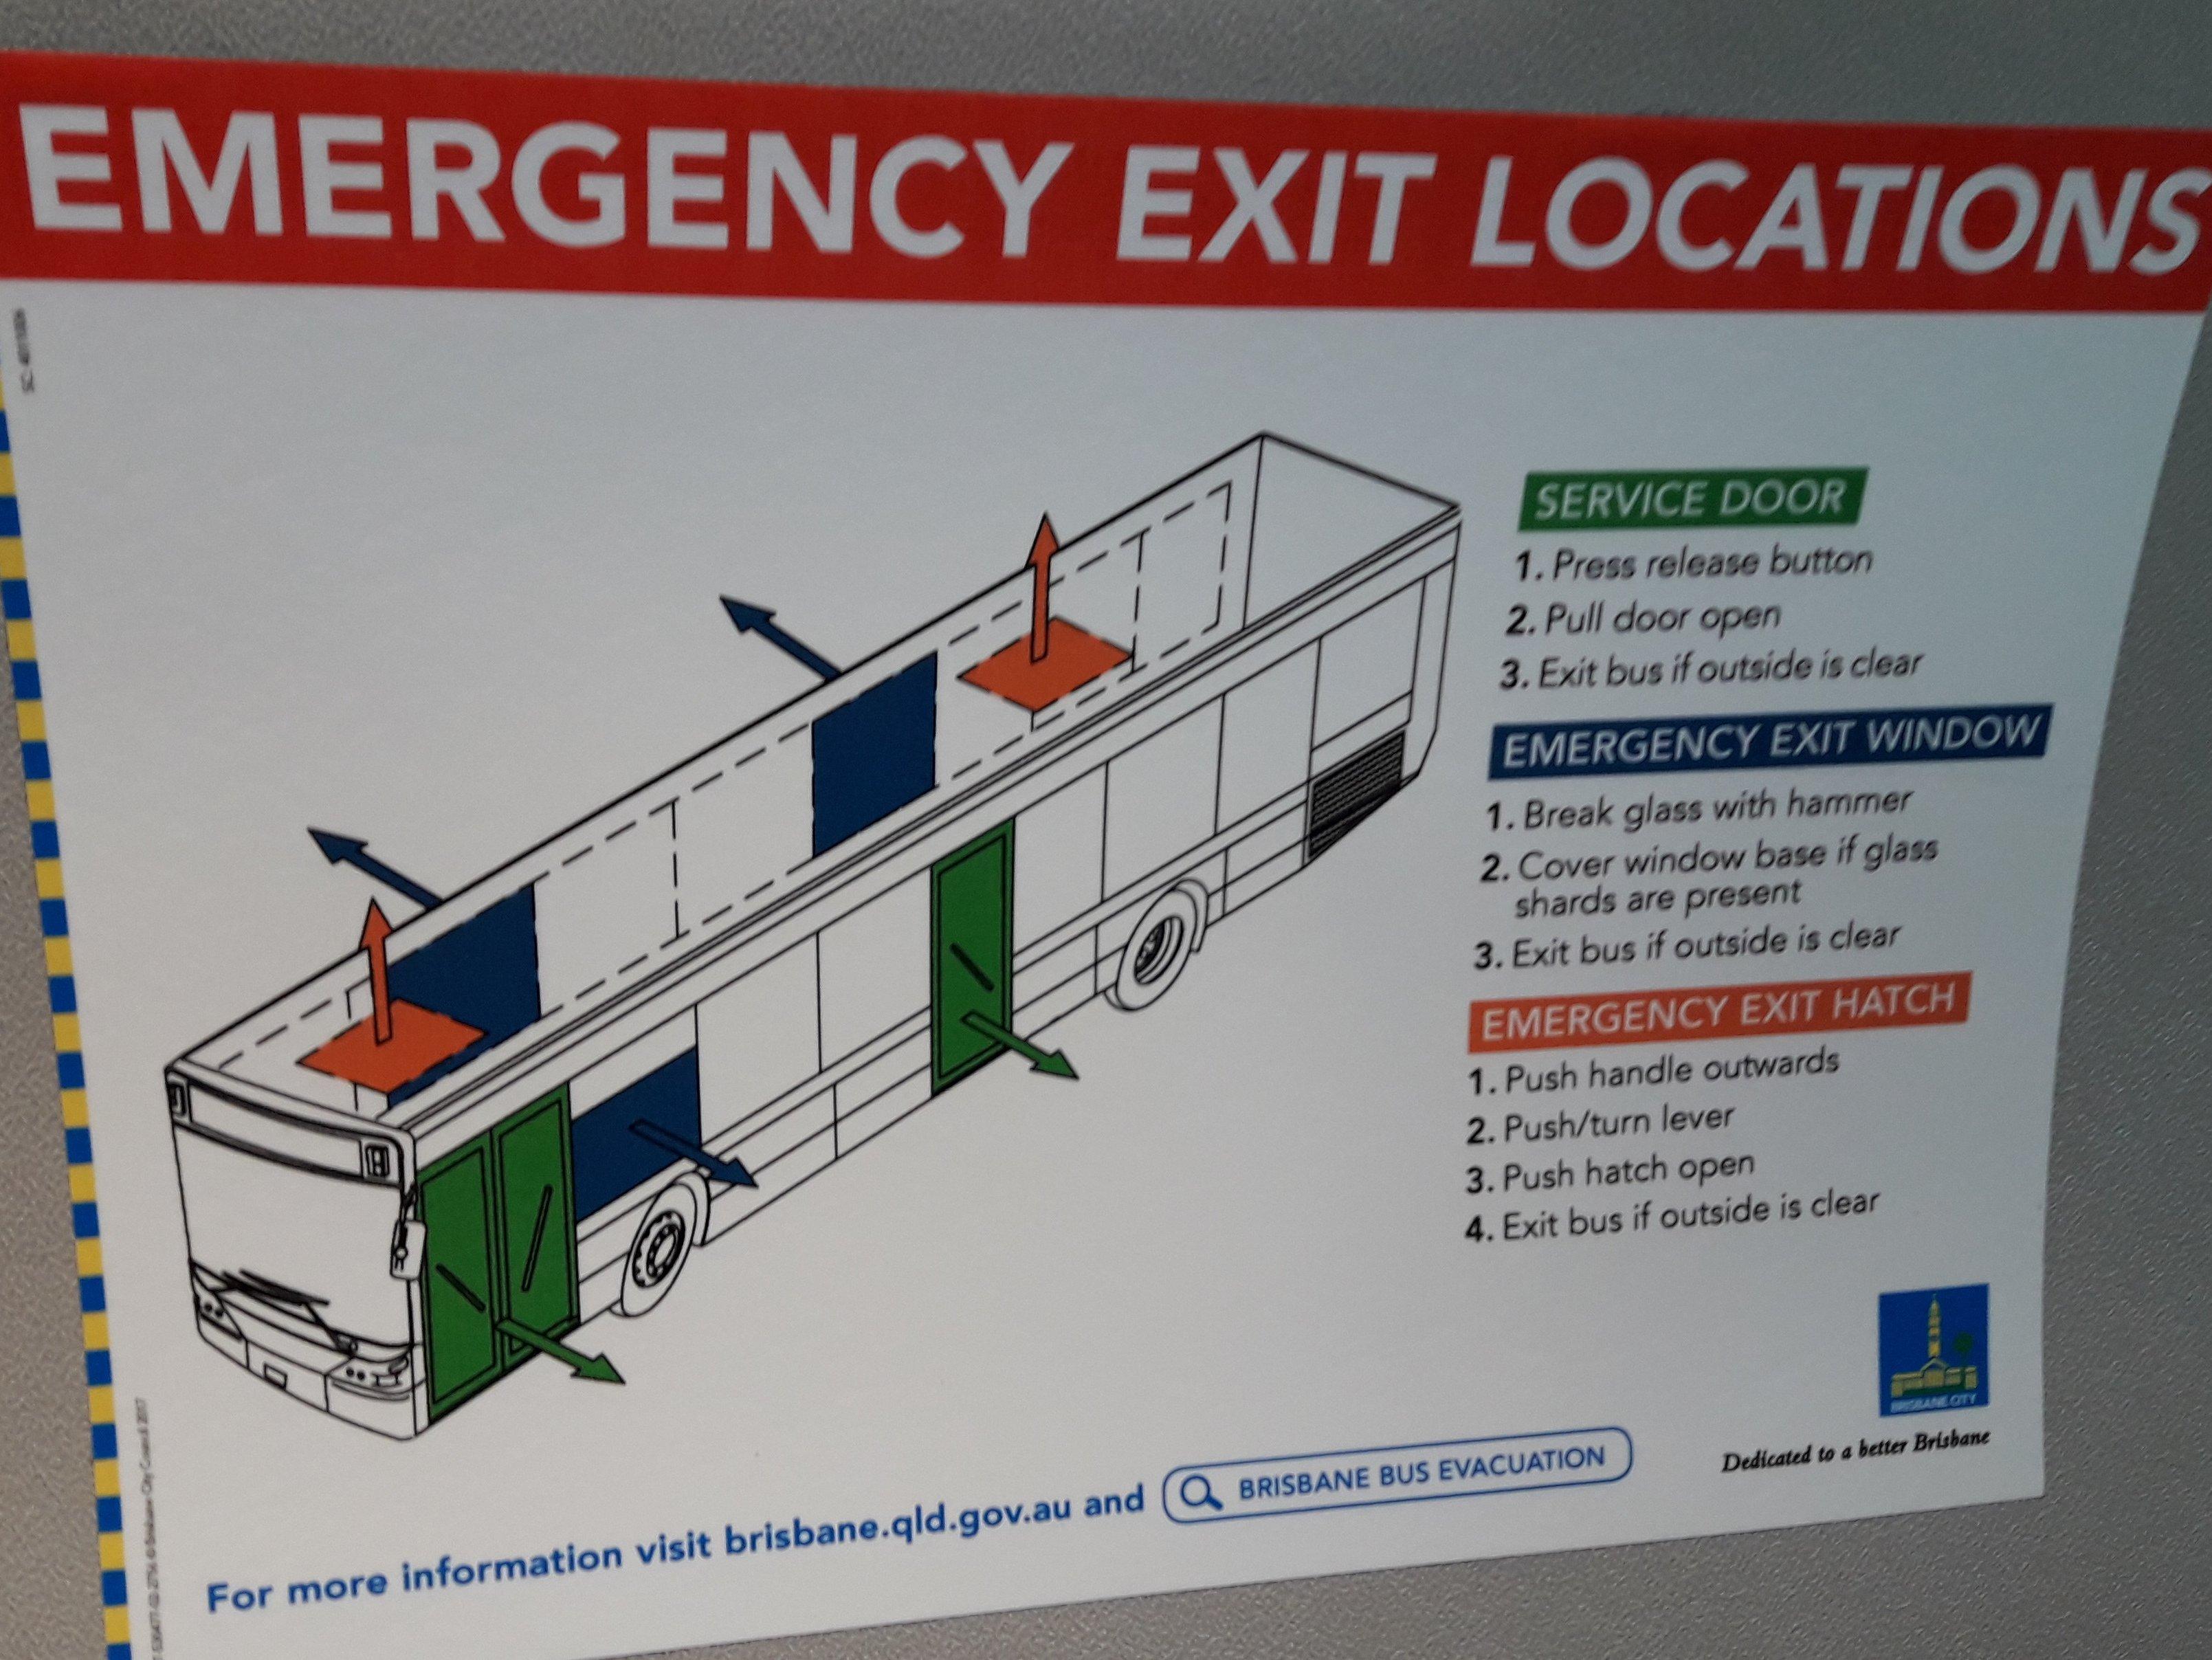 Diagrama de ubicación salidas de emergencia publicado al interior del bus